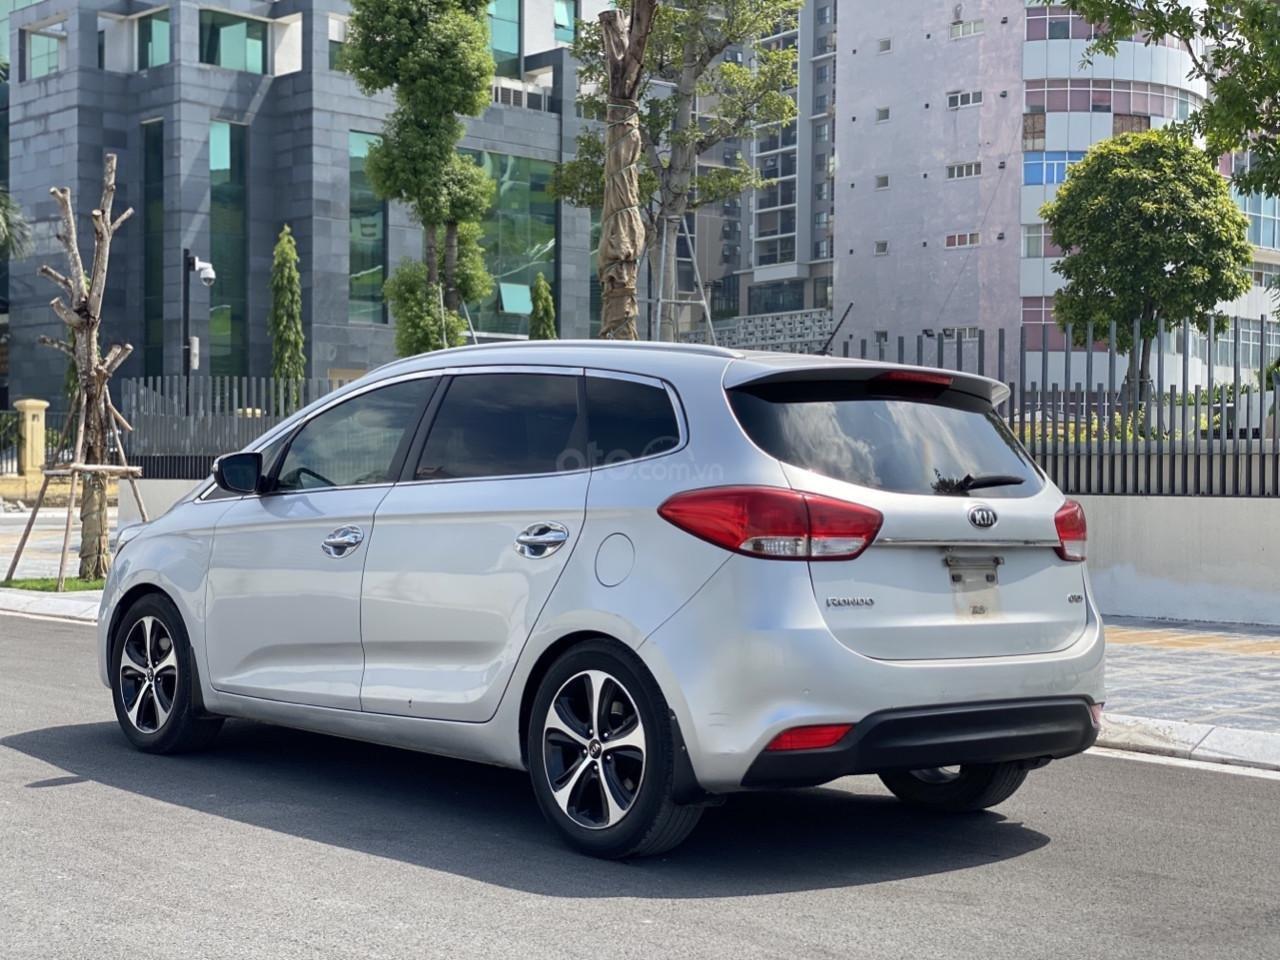 Cần bán xe Kia Rondo SX 2016, màu bạc, nội thất đen, máy dầu (3)